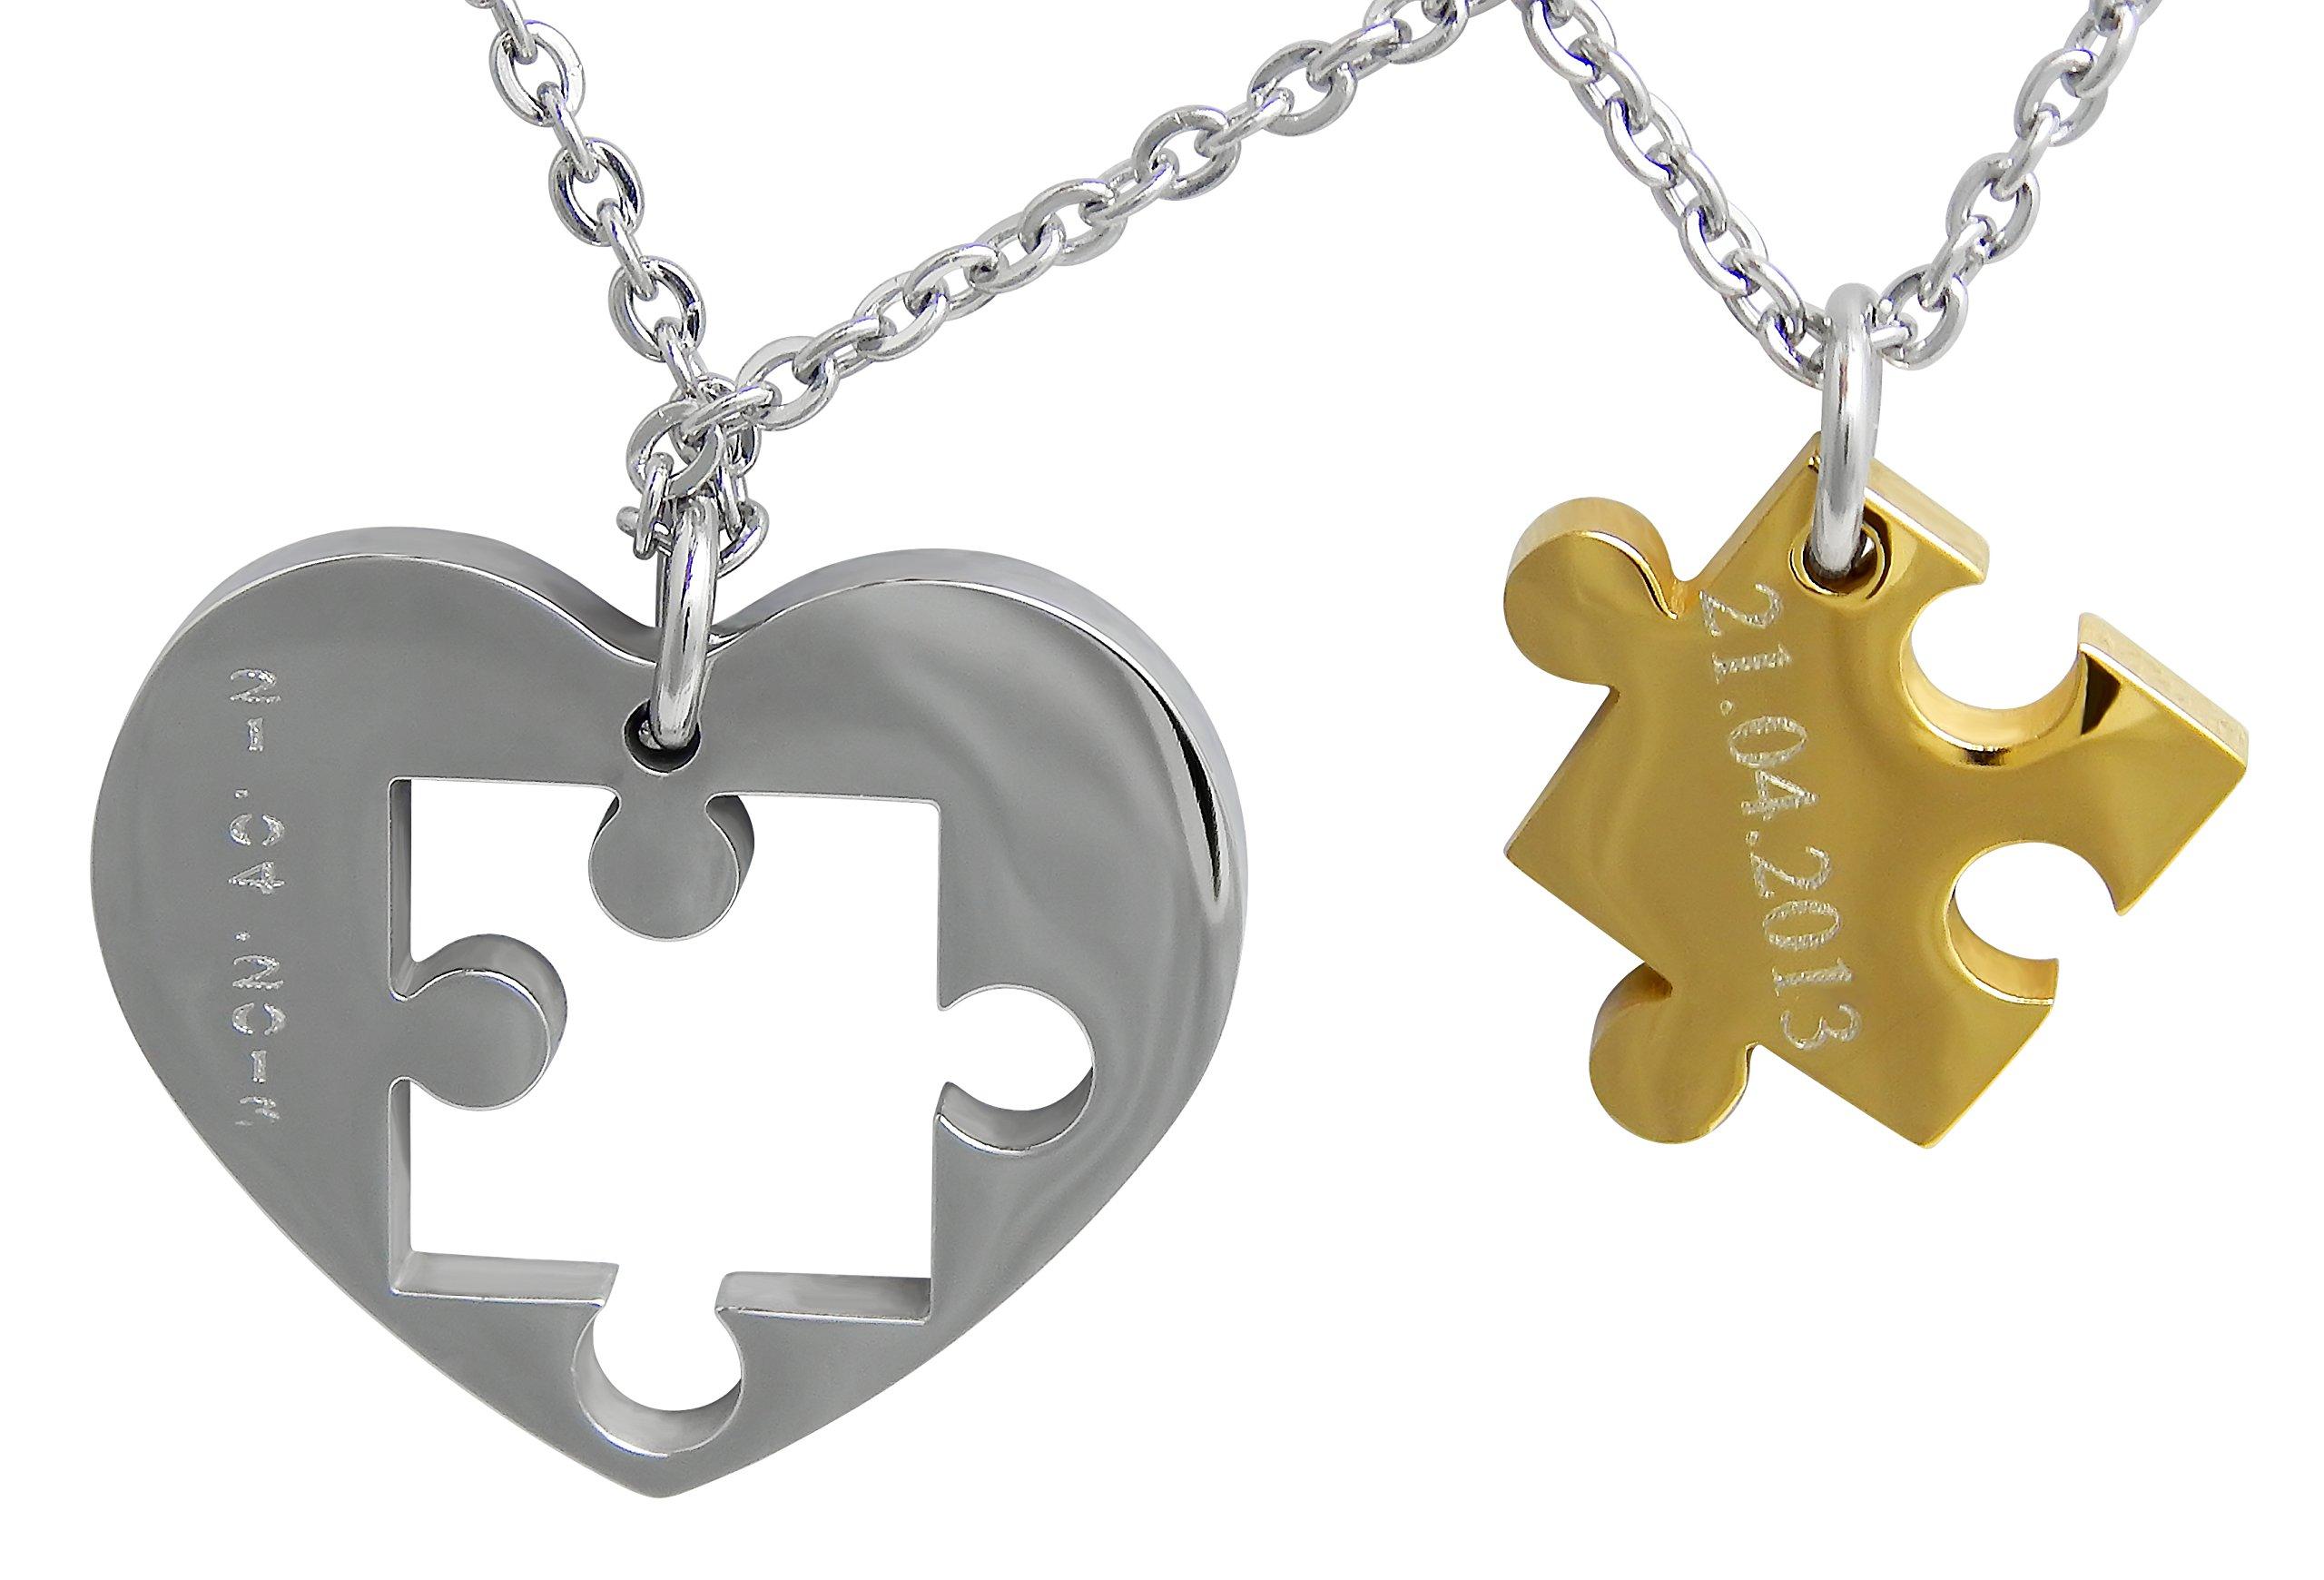 Hanessa Gravierte Puzzle Herz Kette mit Wunsch Gravur Silber Gold Partner-ketten aus Edelstahl in silber Puzzle-Teil Anhänger Schmuck für Paare